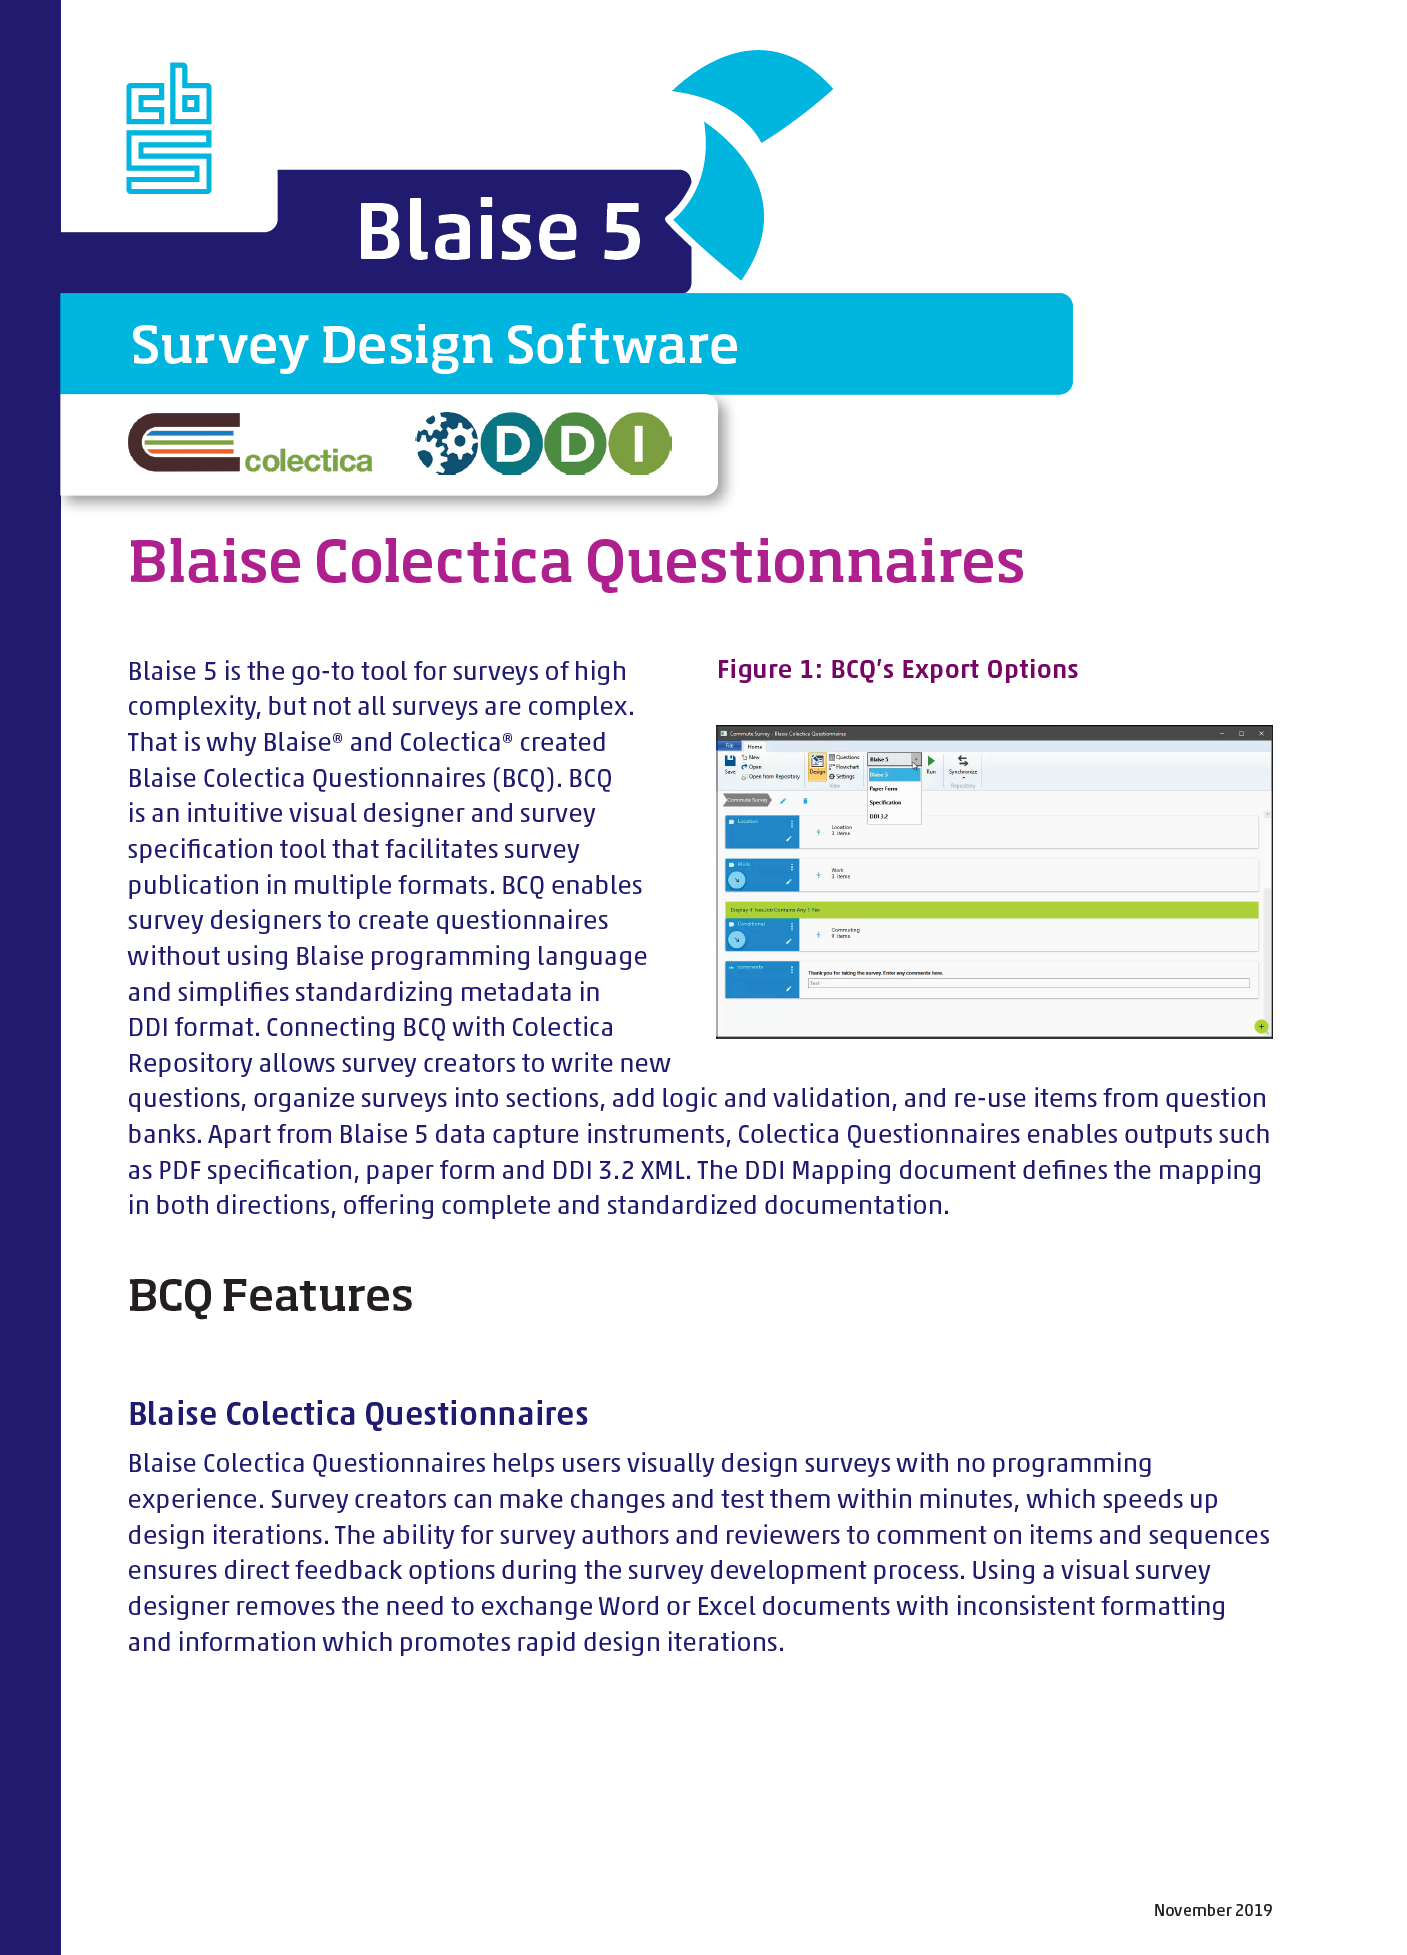 Blaise Colectica Questionnaires